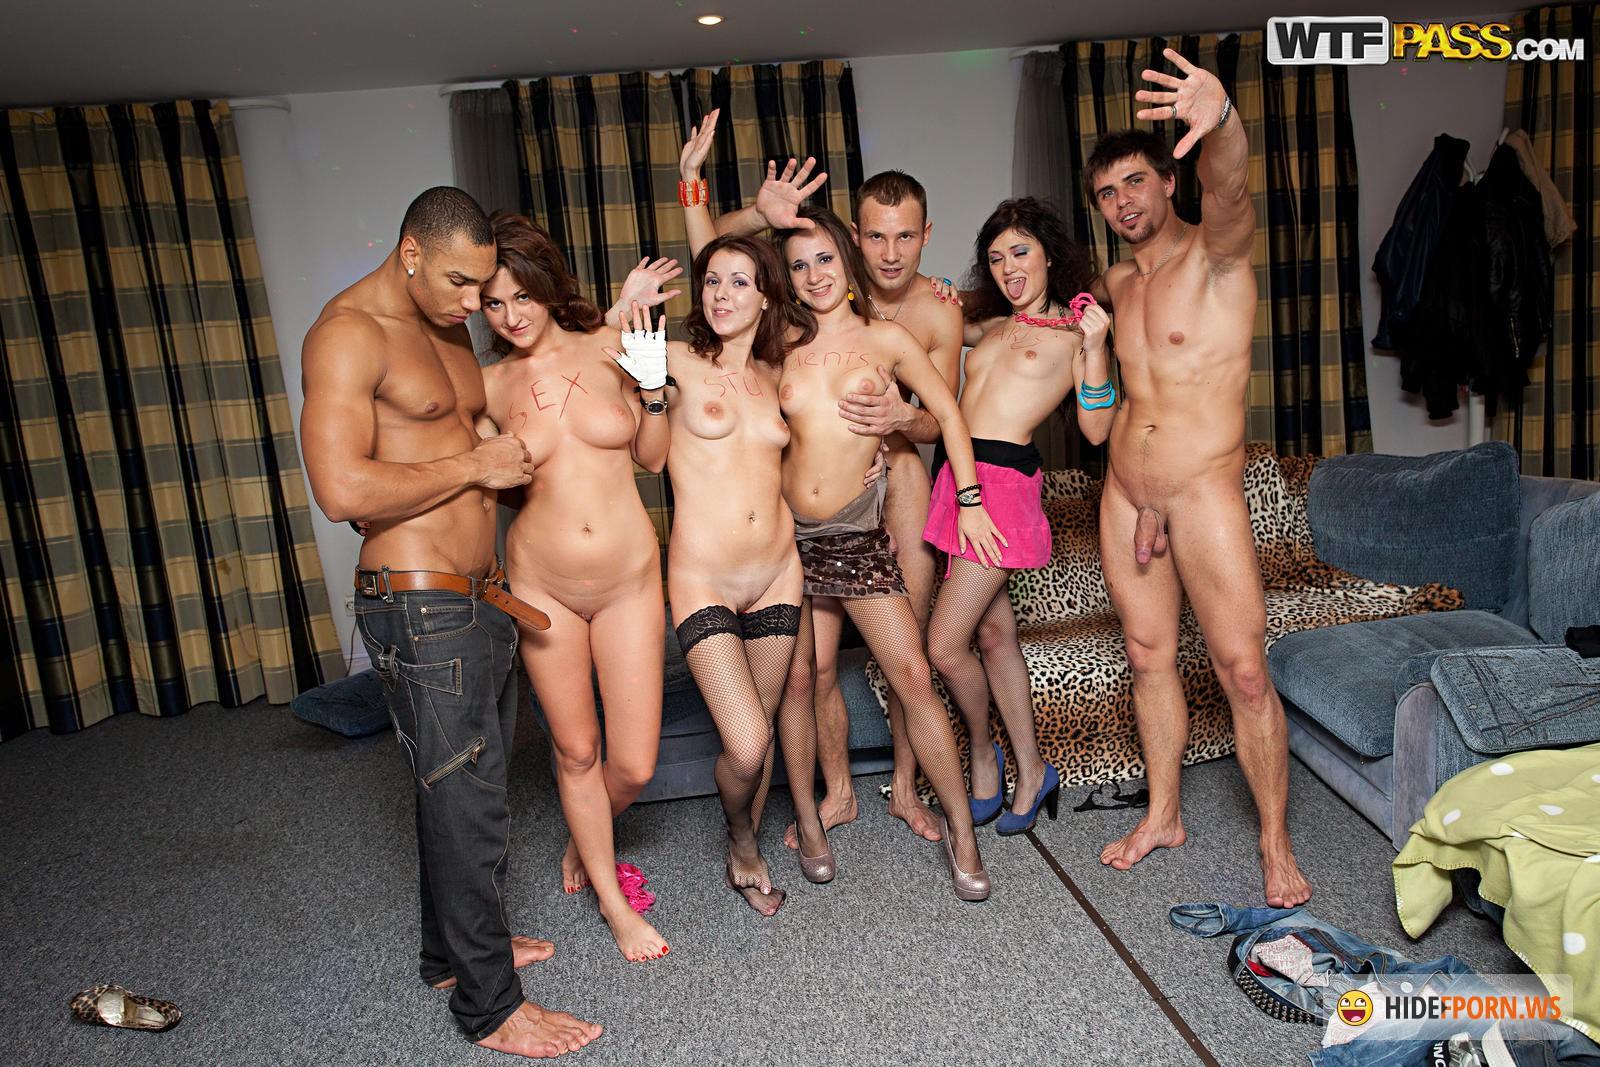 Застукали (Спалили) Порно и Секс Видео Смотреть Онлайн ...